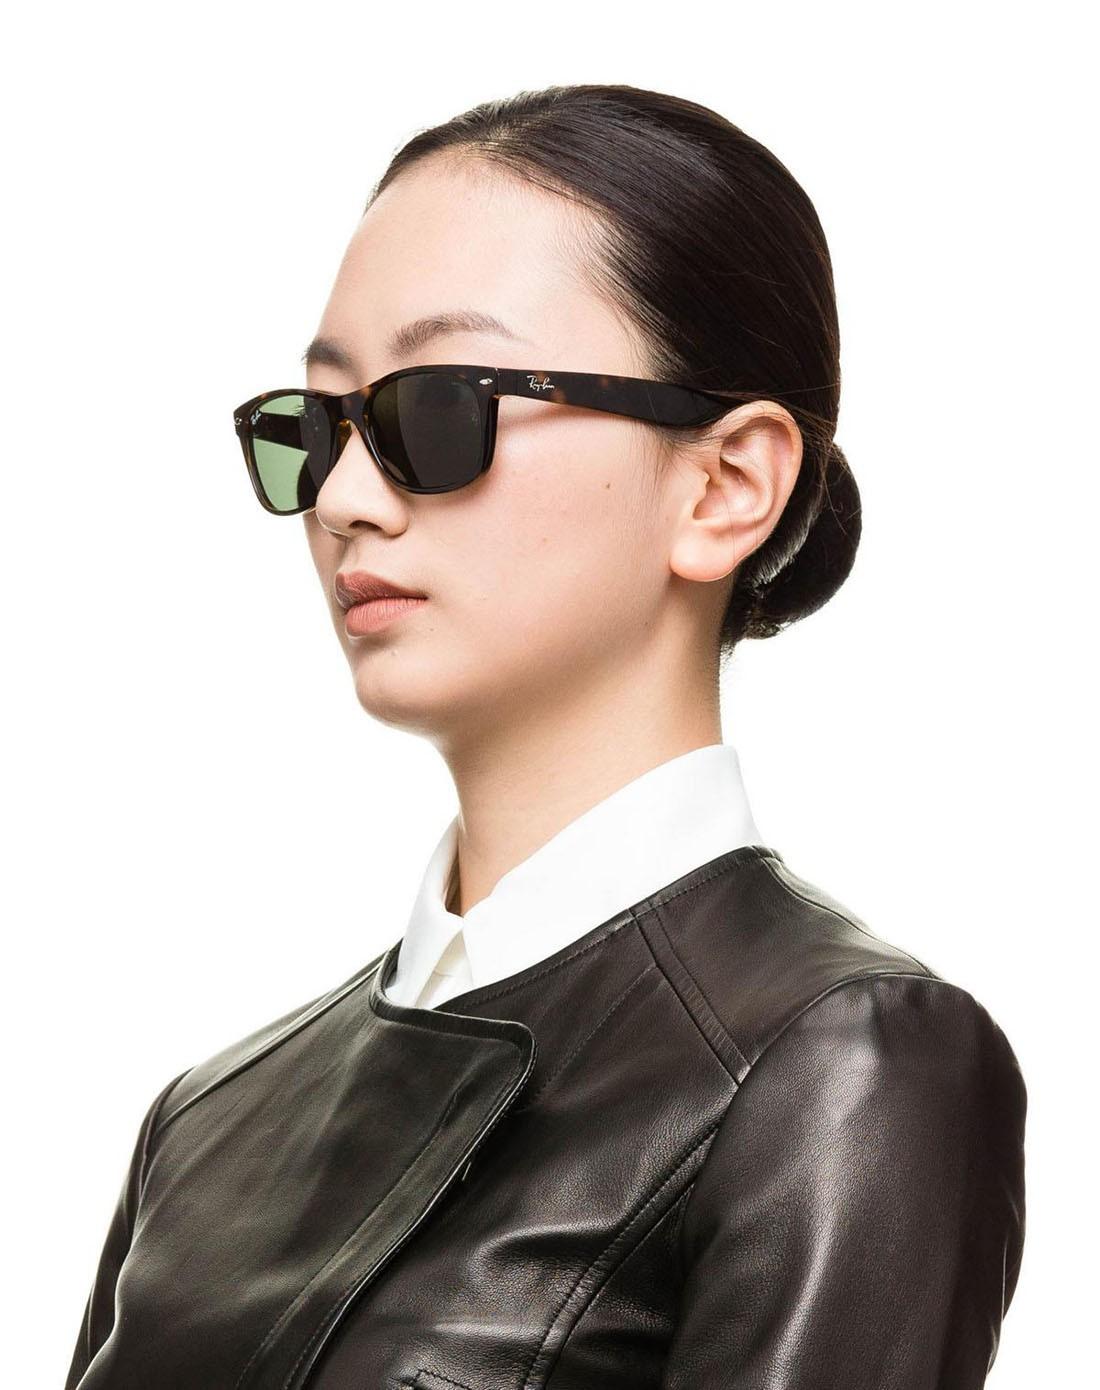 我想买雷朋的太阳眼镜,天猫旗舰店和京东自营店哪个更好,求解